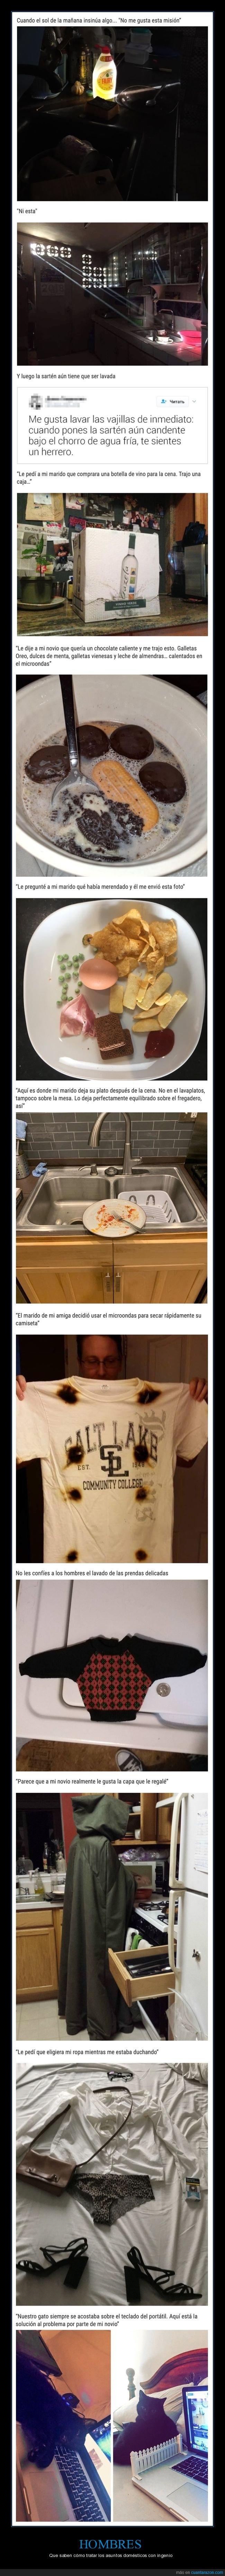 hombres,ingenio,tareas domésticas